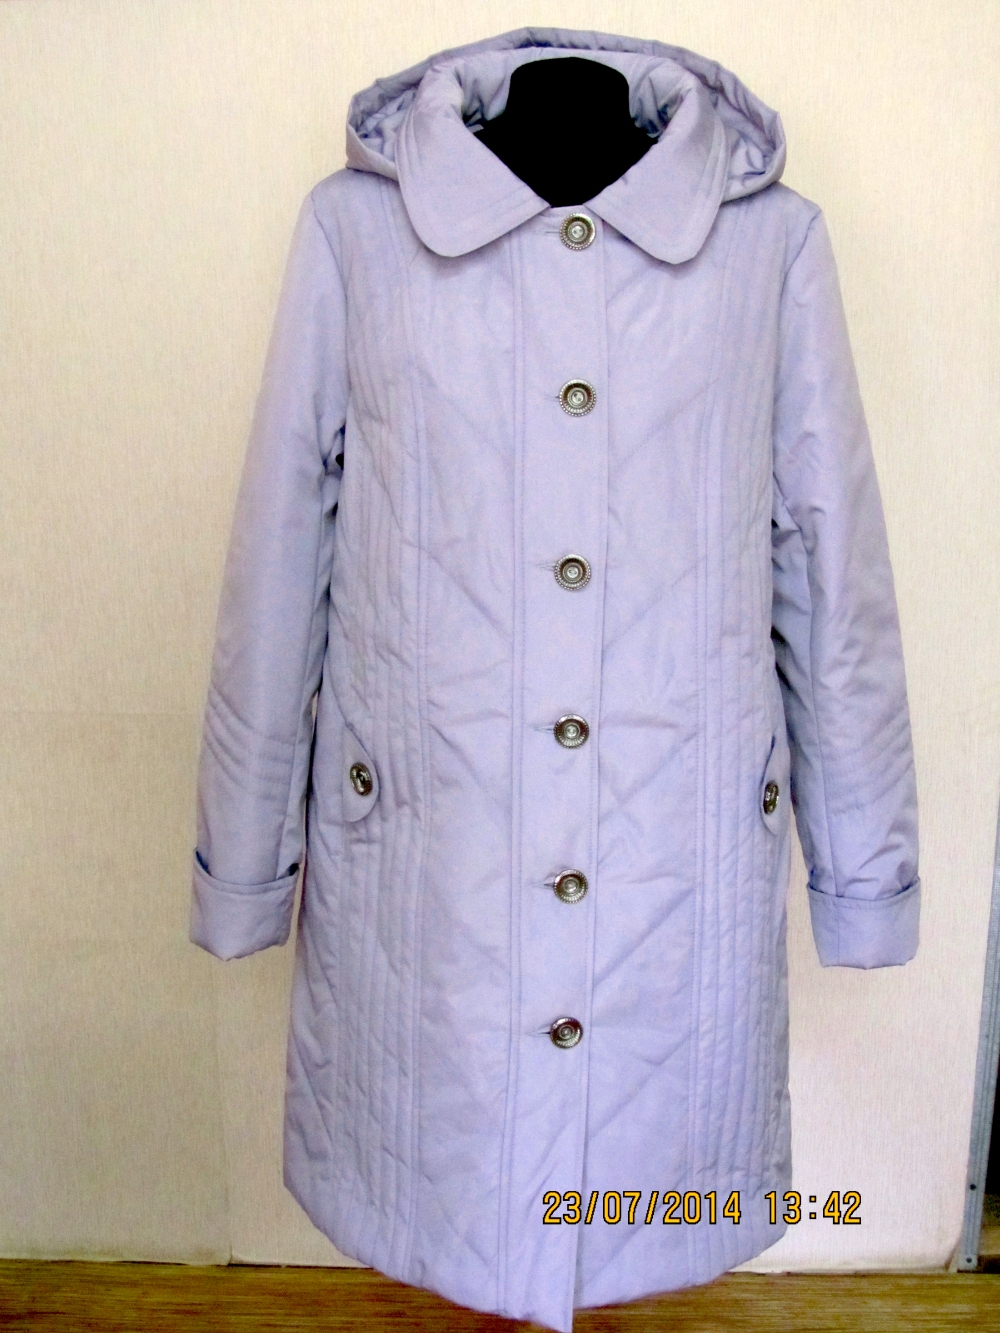 КурткаКуртки<br>Демисезонная курточка со стояче-отложным воротником, застежкой на пуговицы и капюшоном. Модель выполнена из плотной болони. Отличный выбор для повседневного гардероба. Ростовка изделия 170 см.  Цвет: сиреневый  Температурный режим: до -10 градусов.<br><br>Воротник: Стояче-отложной<br>Застежка: С пуговицами<br>По длине: Удлиненные<br>По материалу: Плащевая ткань<br>По рисунку: Однотонные<br>По силуэту: Полуприталенные<br>По стилю: Повседневный стиль<br>По элементам: С капюшоном,С карманами<br>Рукав: Длинный рукав<br>По сезону: Осень,Весна<br>Размер : 56,58<br>Материал: Болонья<br>Количество в наличии: 2